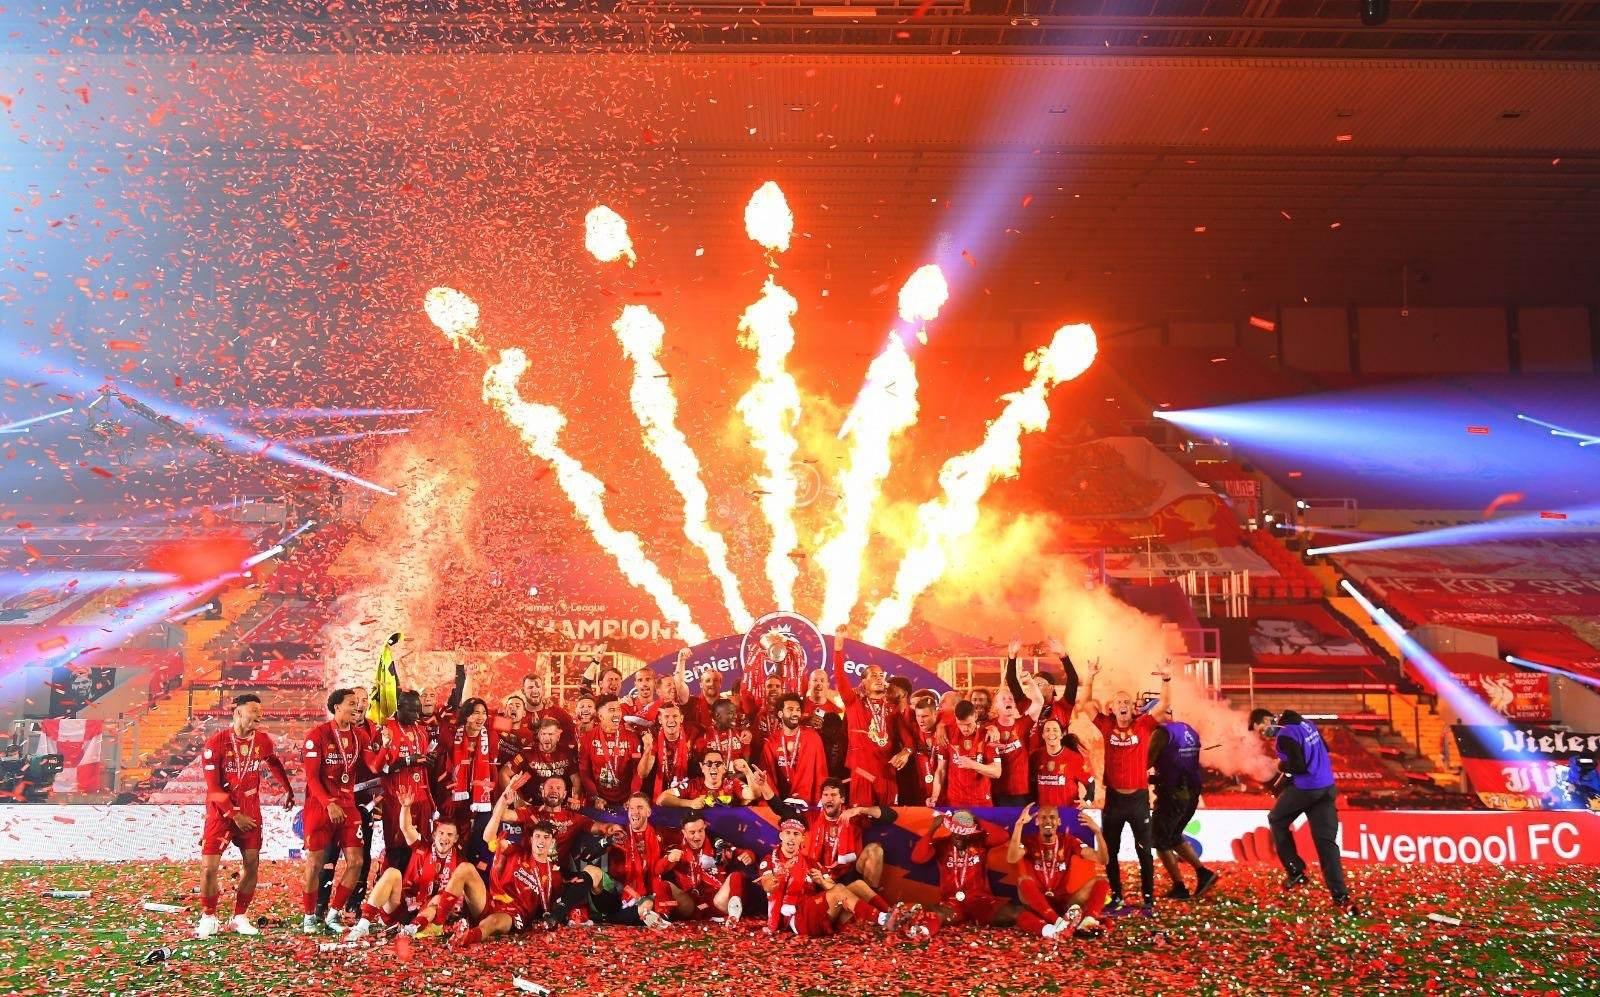 لاعبو ليفربول يرفعون كأس